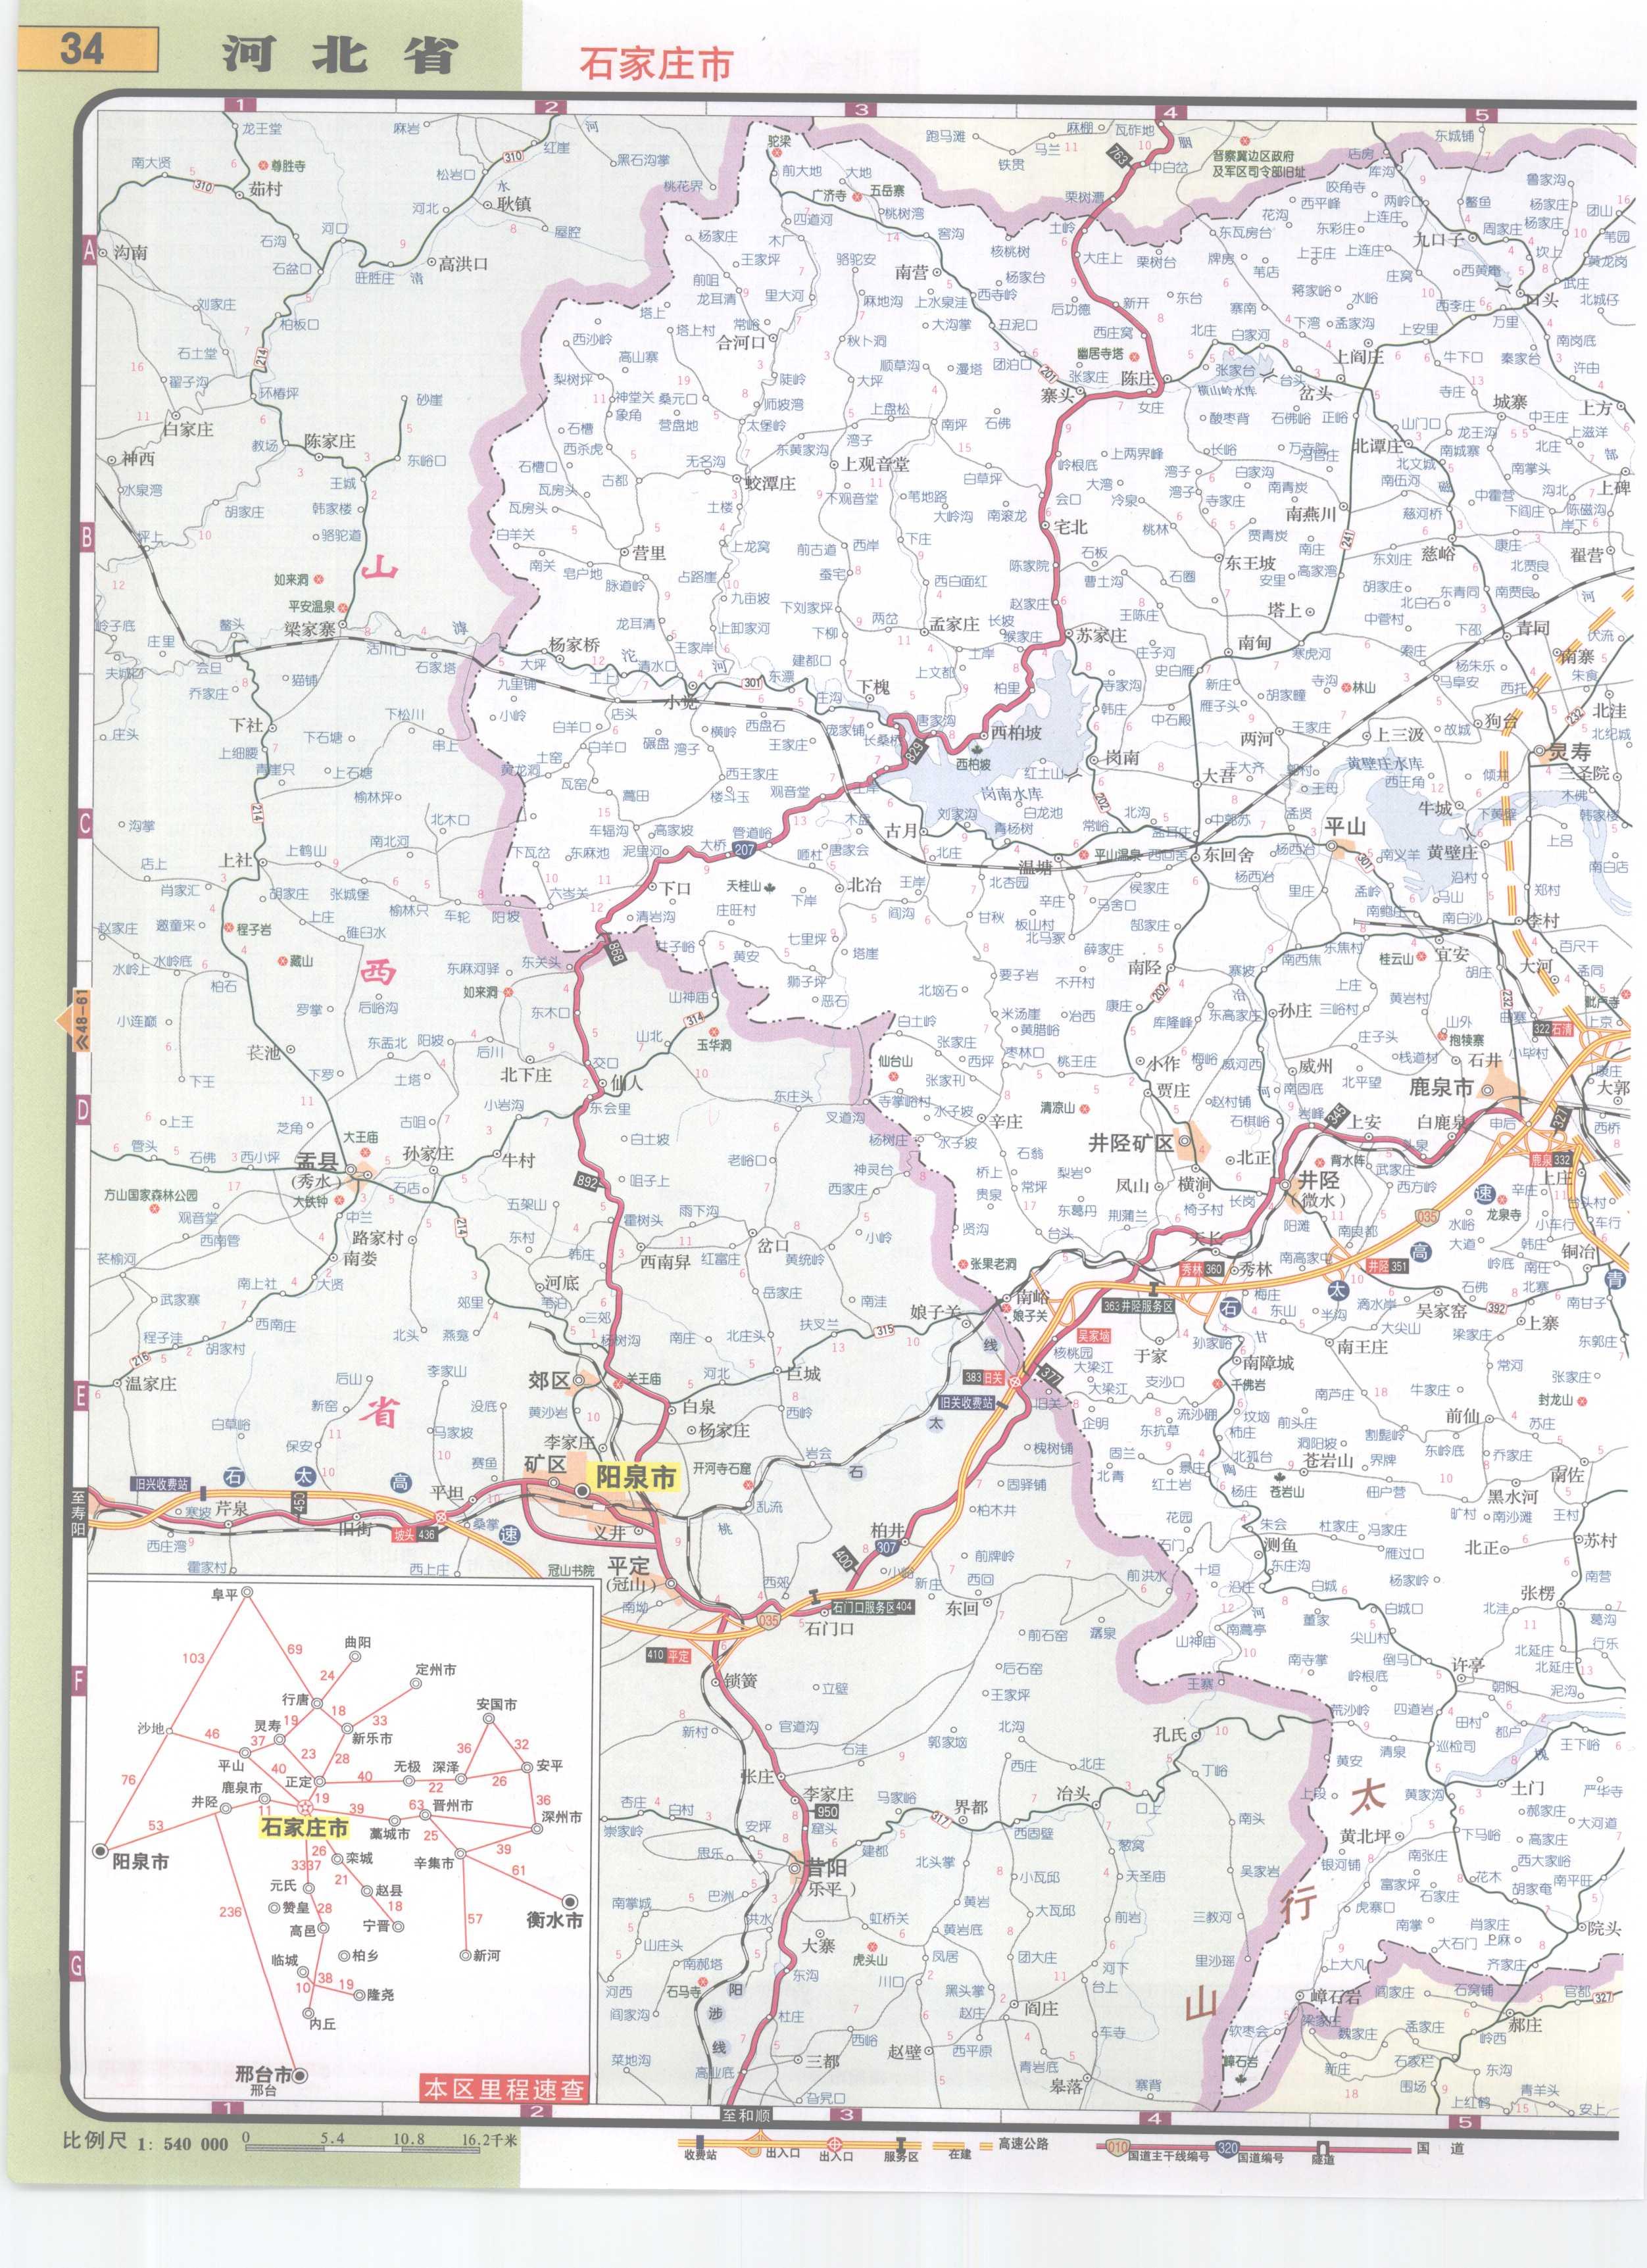 河北省石家庄市高速公路网地图